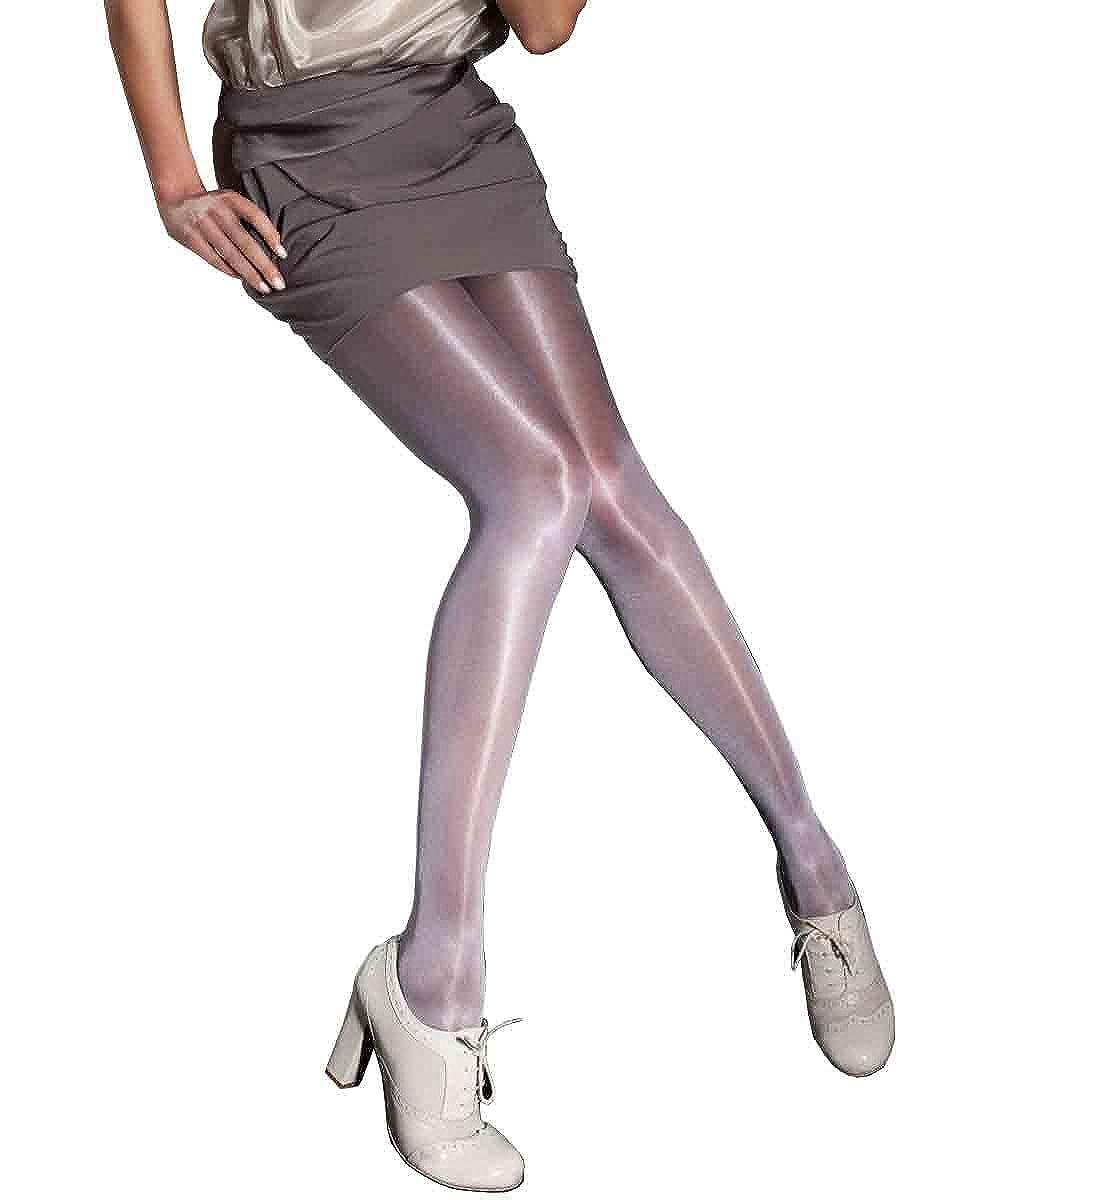 84ea8c3e55e Amazon.com  Raula 40 Denier Shiny Satin Glossy Tights  Clothing